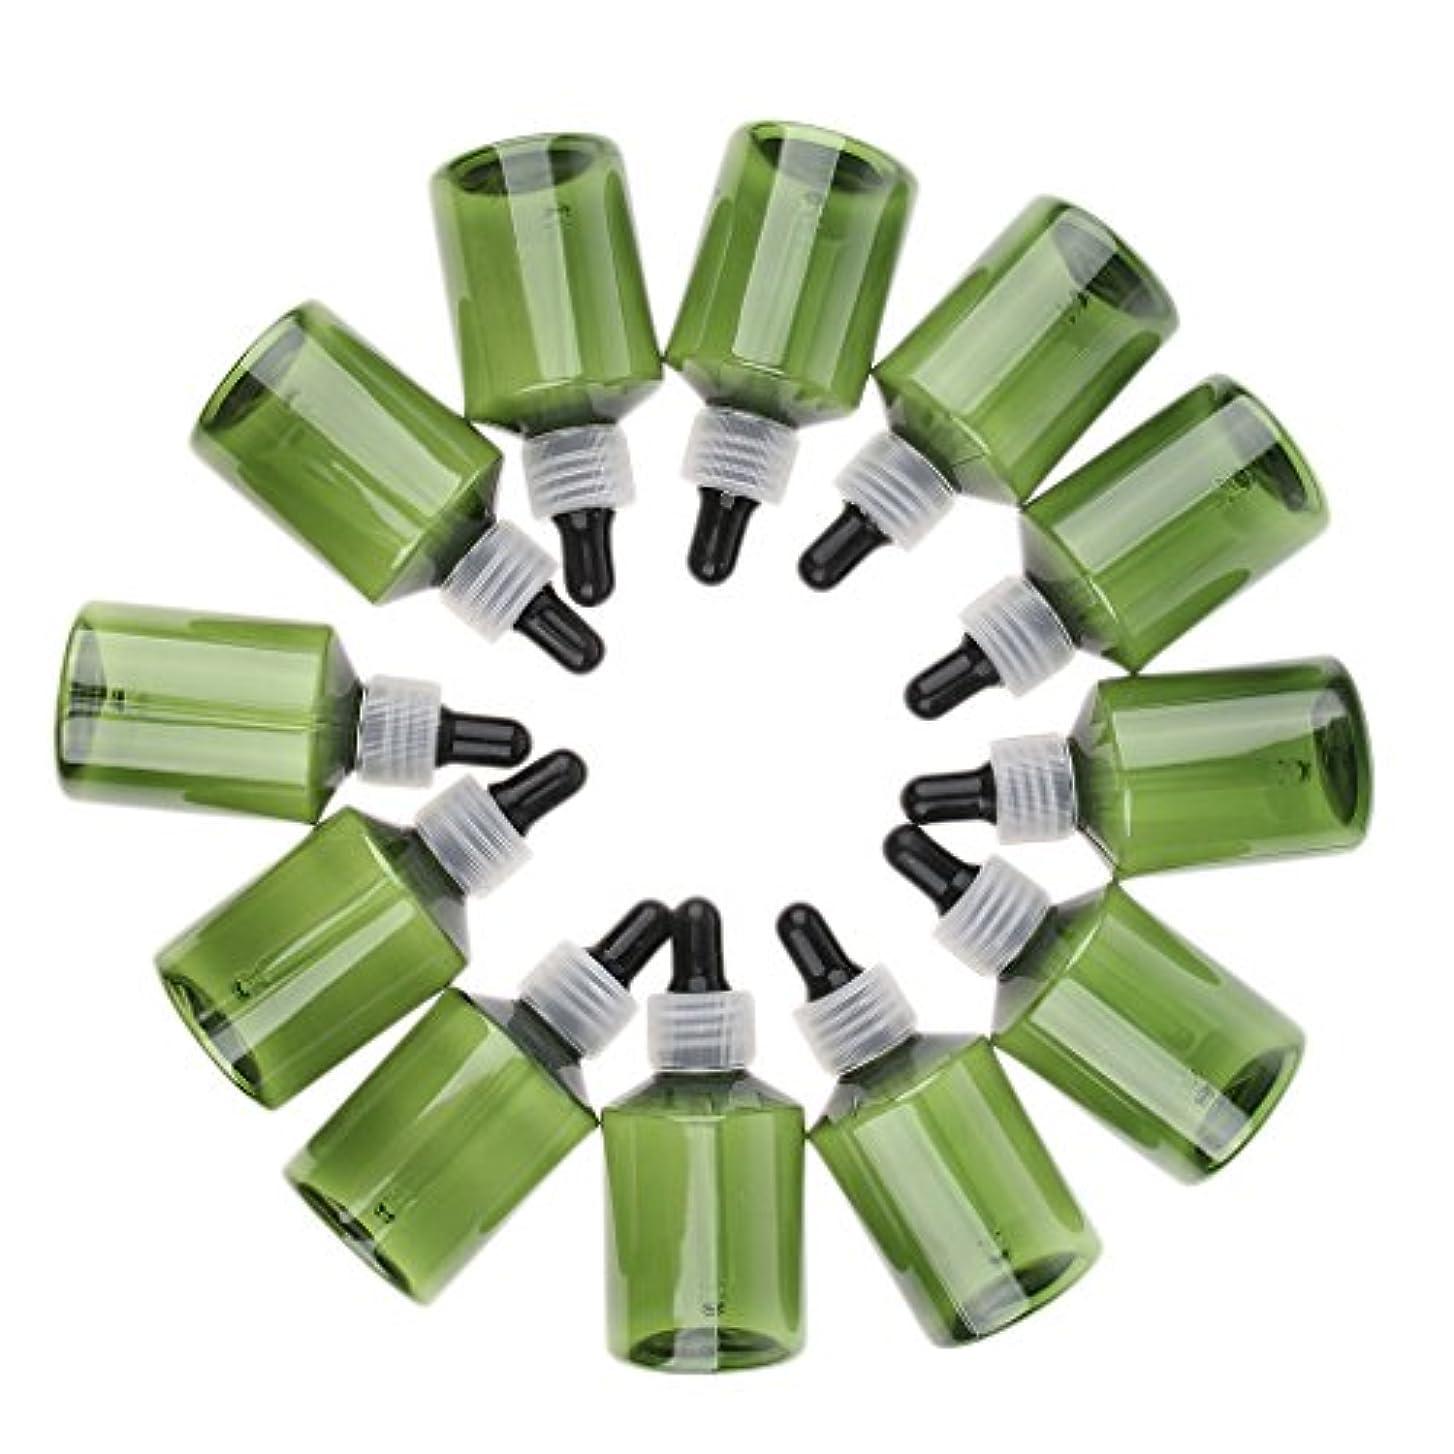 任命する秋マングルドロッパーボトル エッセンシャルオイル 精油ボトル 小分け容器 詰め替え 50ml 6仕様選べ - クリアキャップブラックドロッパー